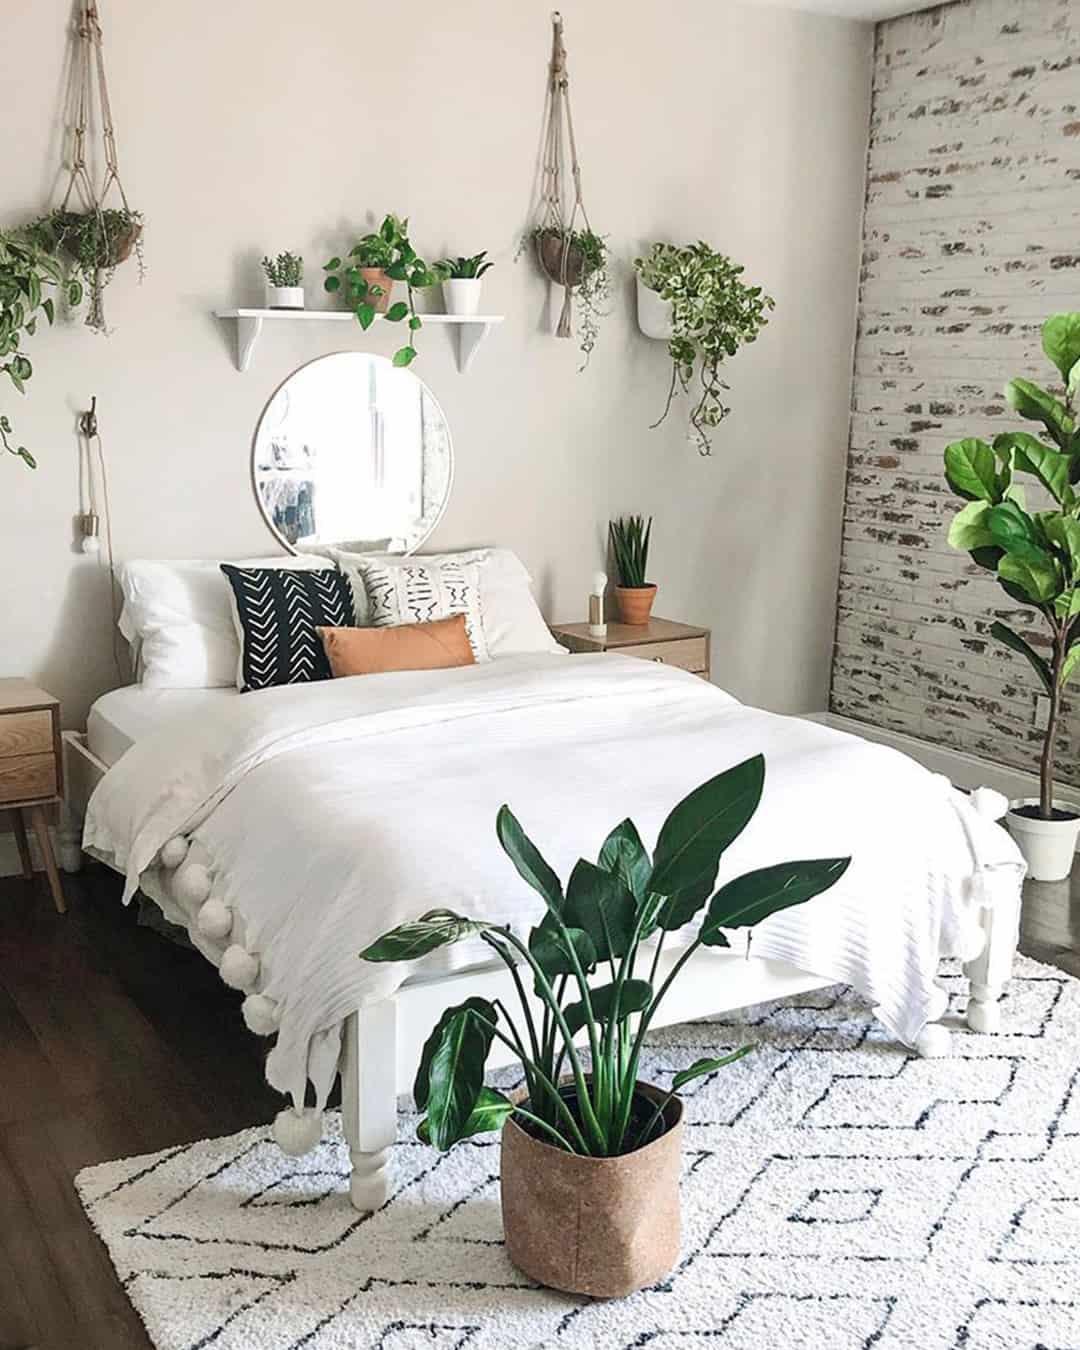 plantsinroom